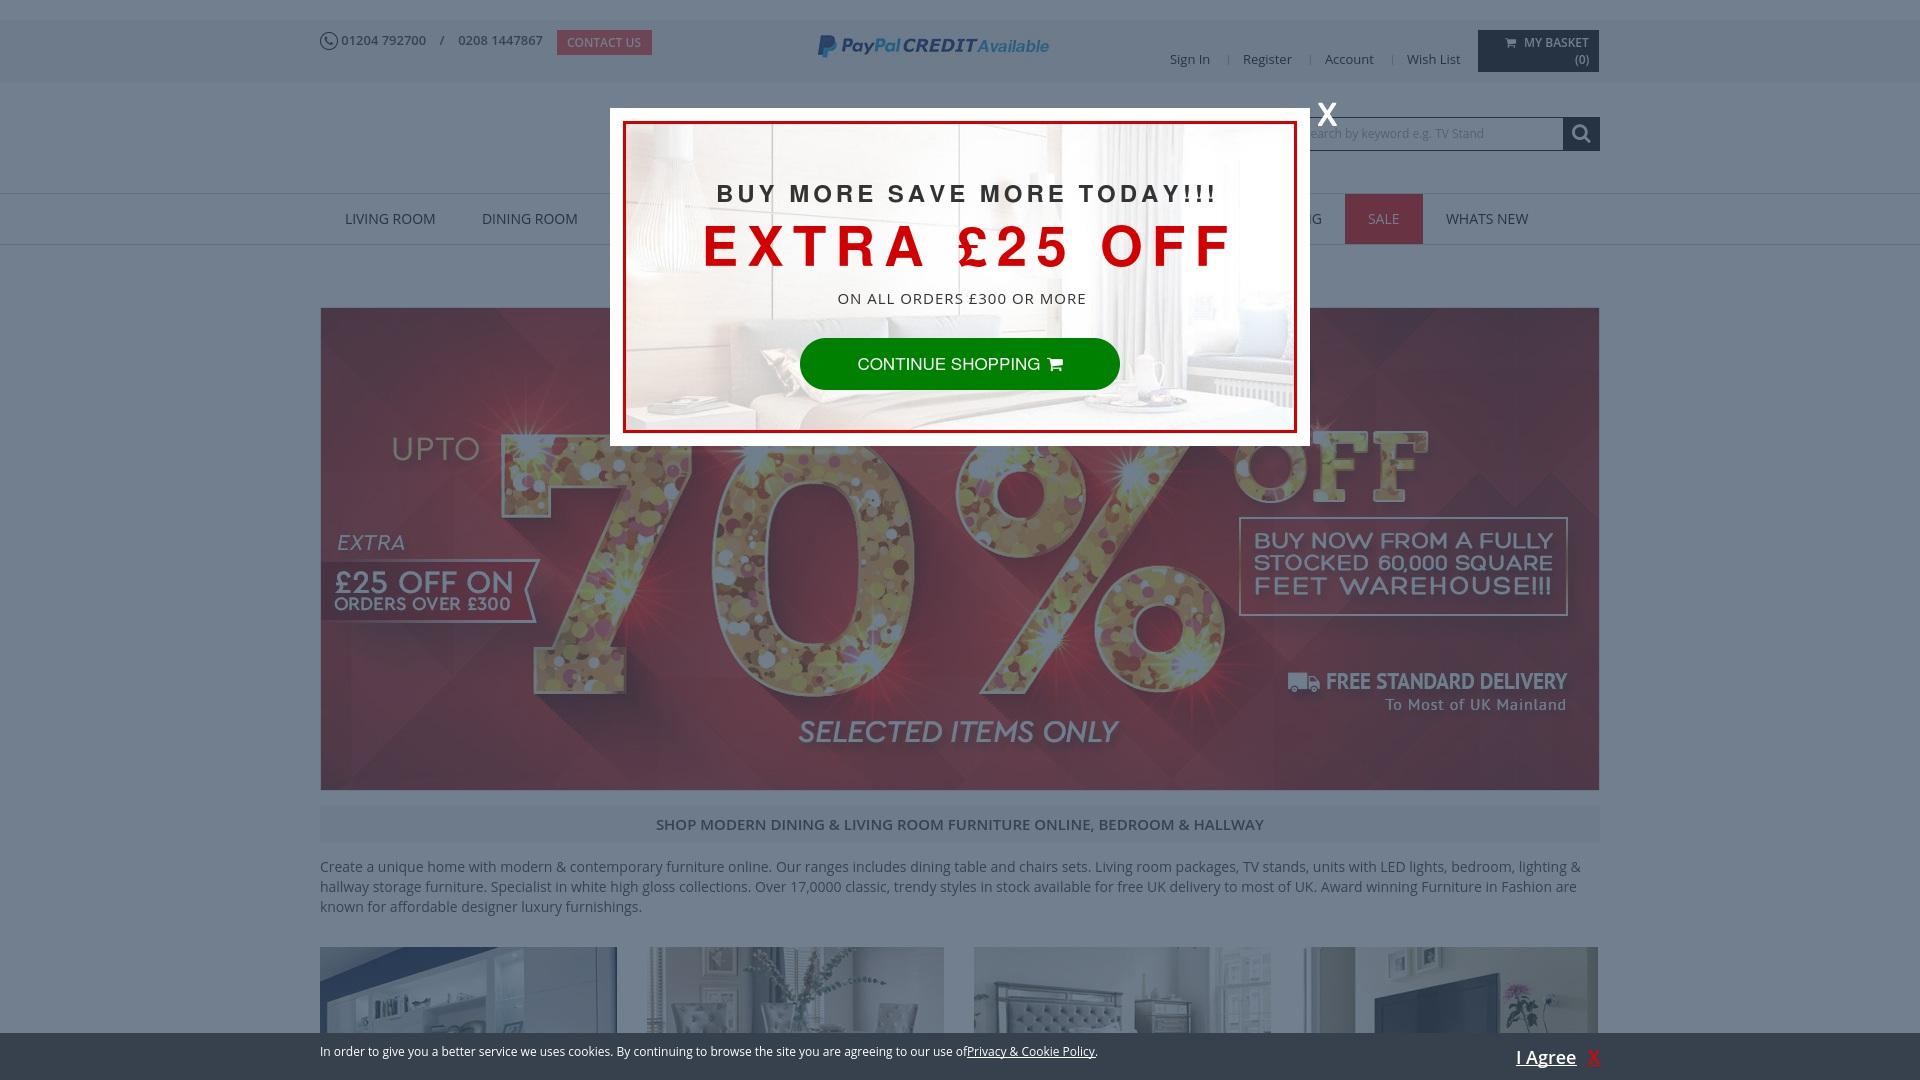 Gutschein für Furnitureinfashion: Rabatte für  Furnitureinfashion sichern